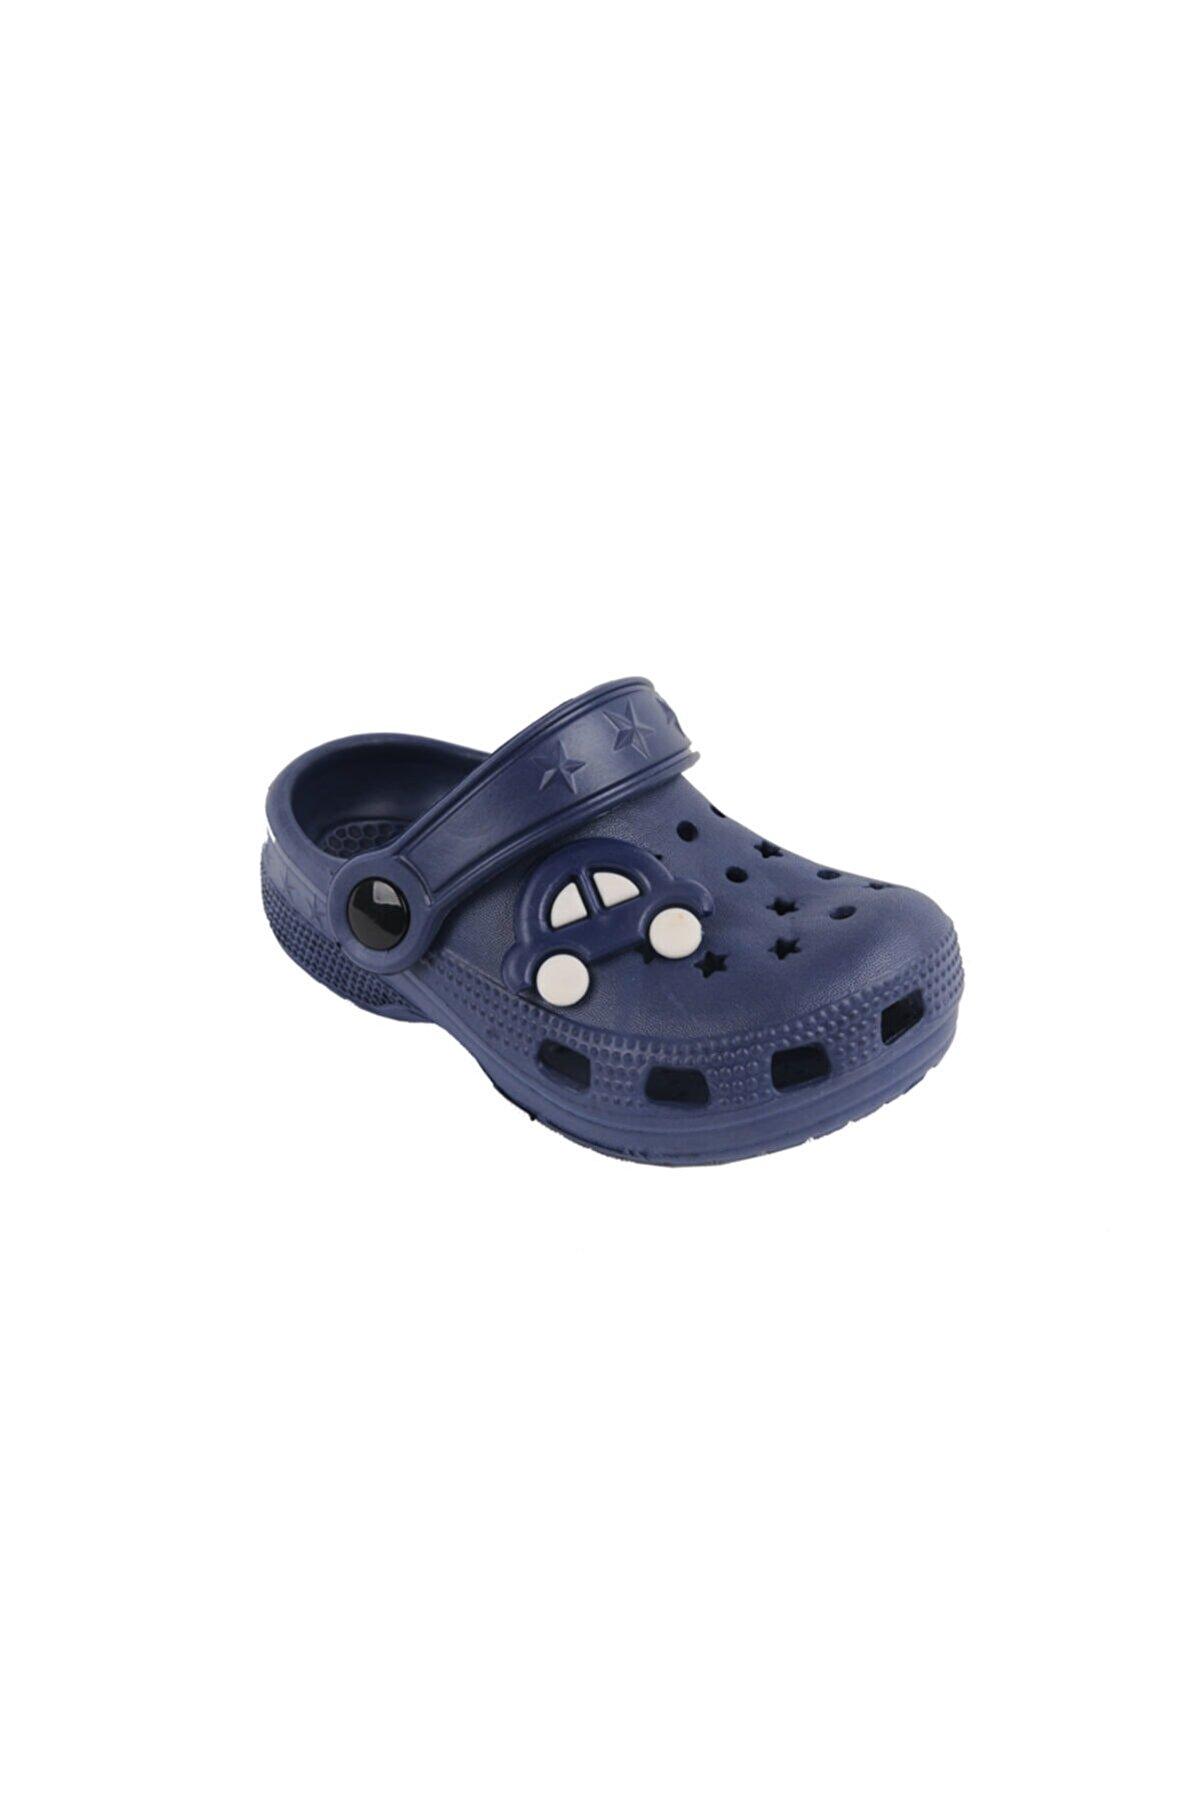 Calx Erkek Çocuk Terlik Sandalet